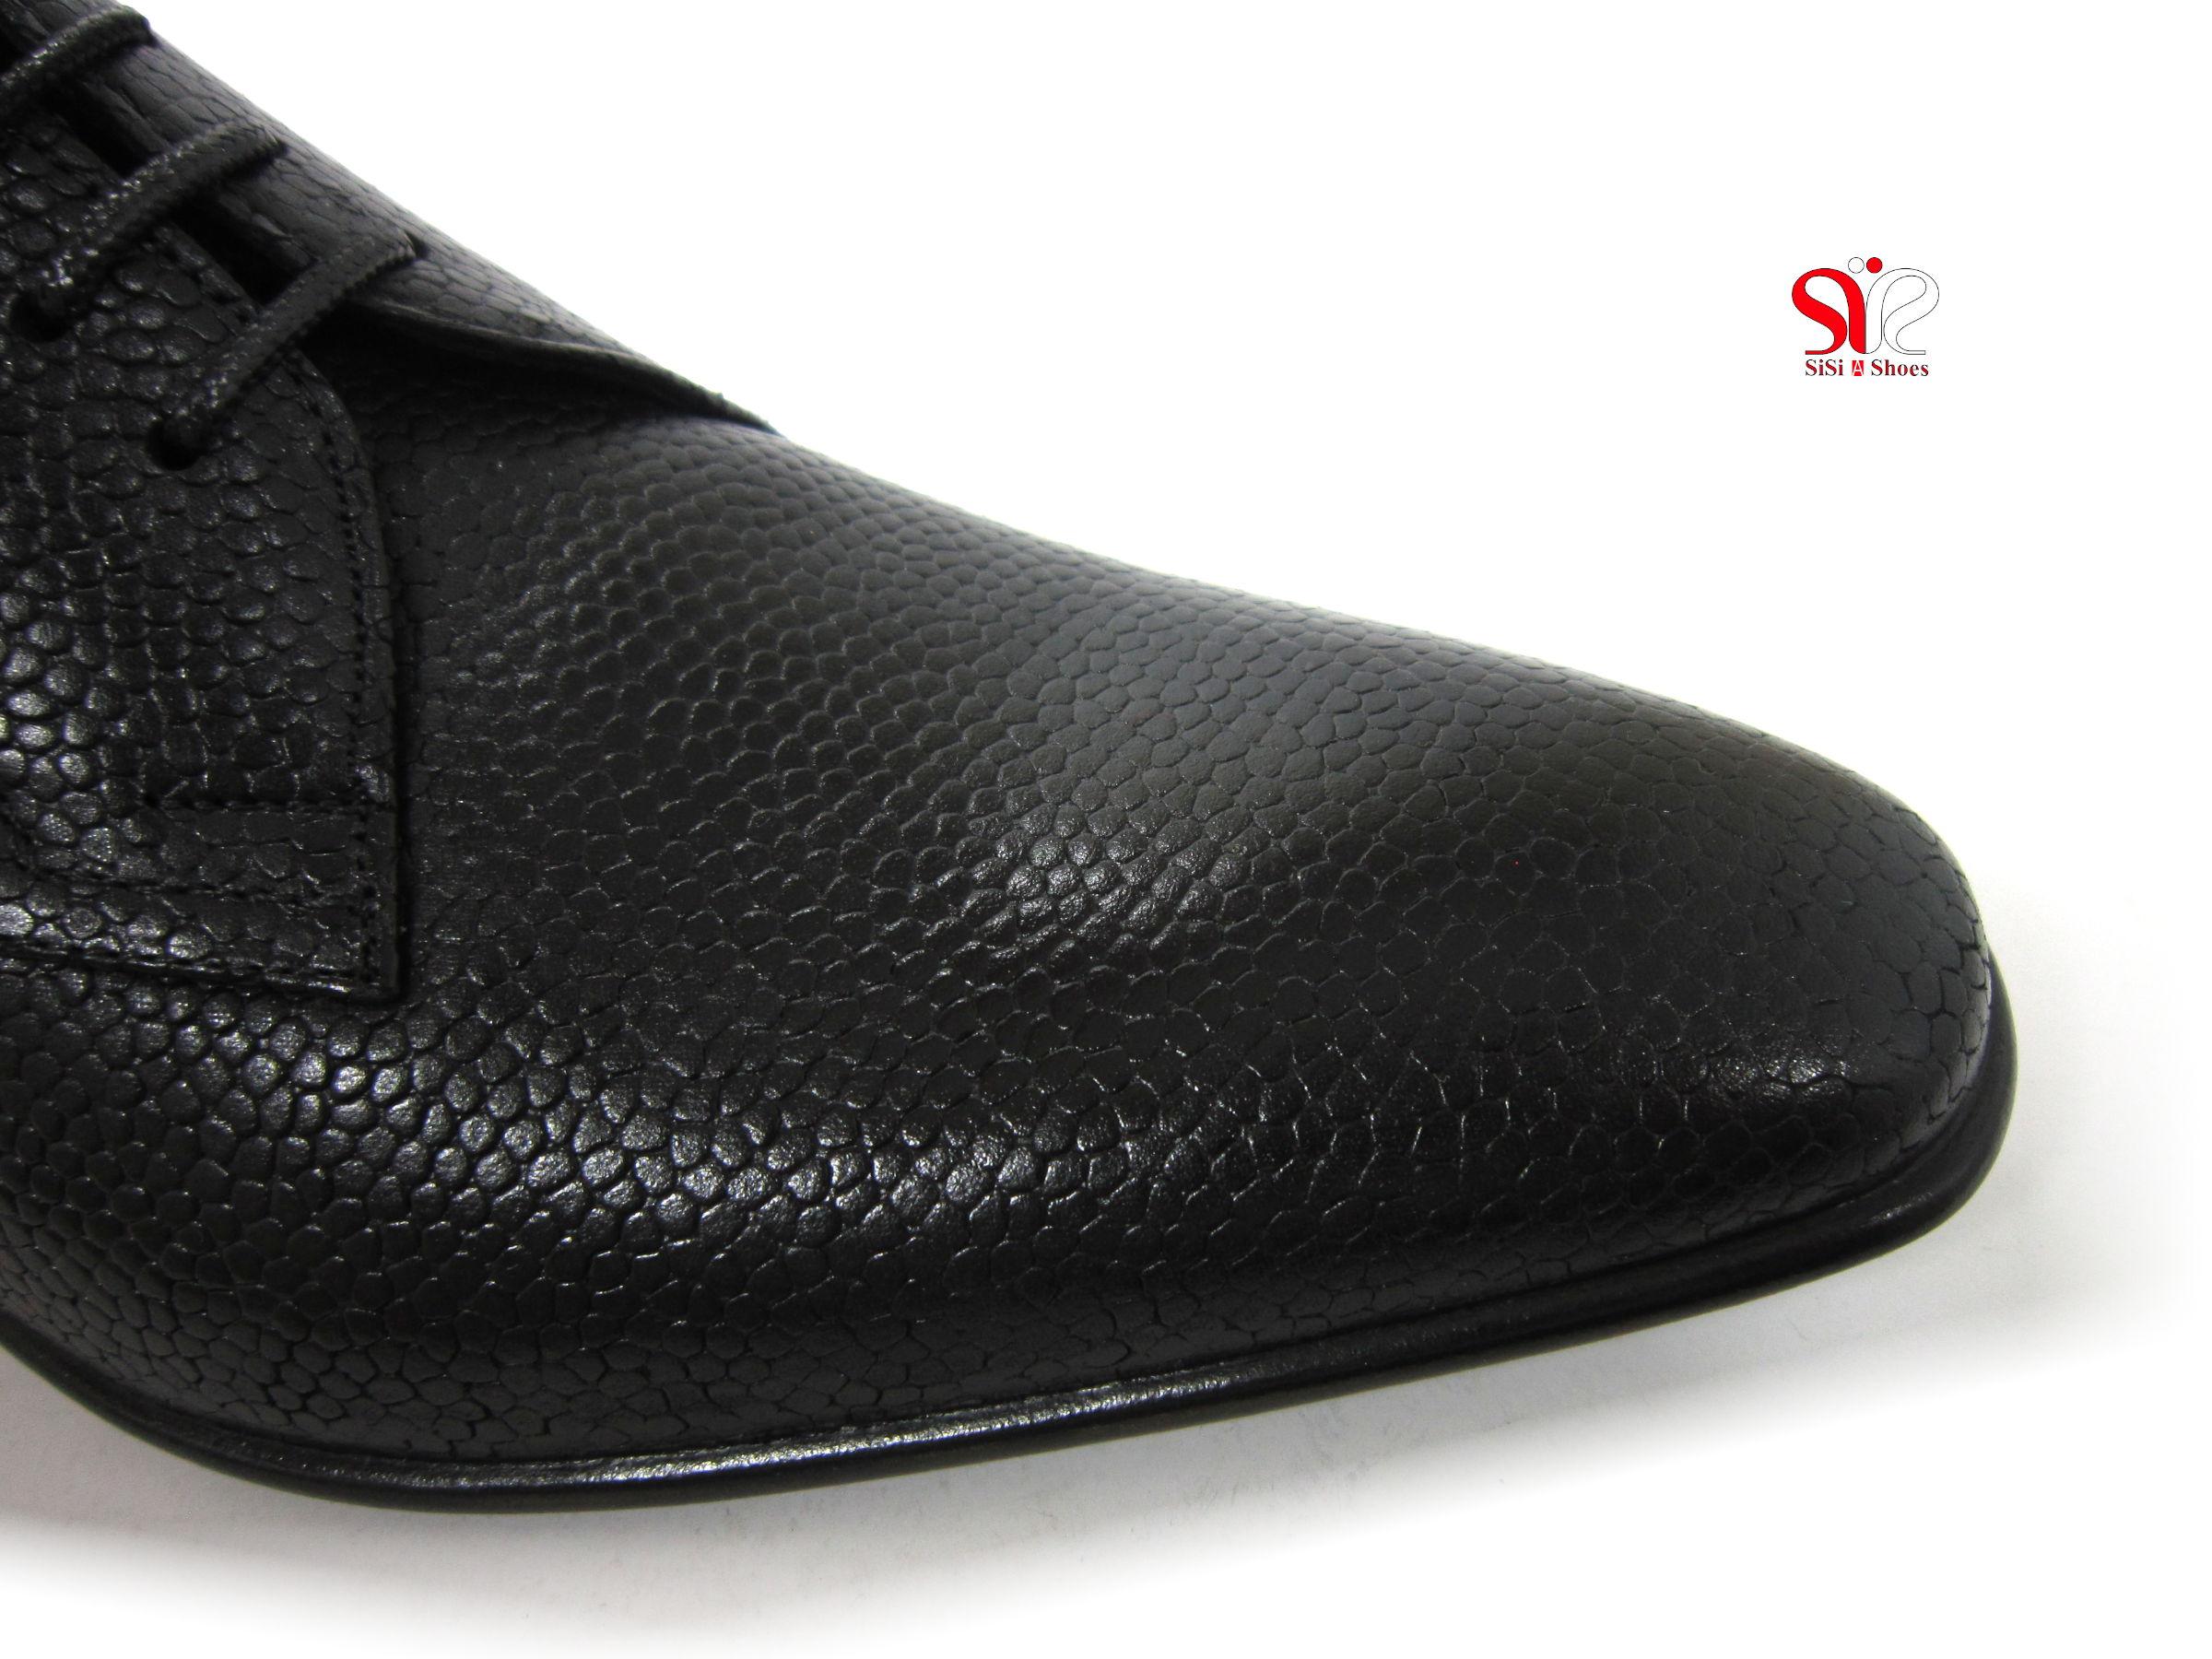 پنجه کفش مردانه رسمی آسپینا با چرم ایتالیایی - کفش سی سی تبریز - tabriz handmade shoes